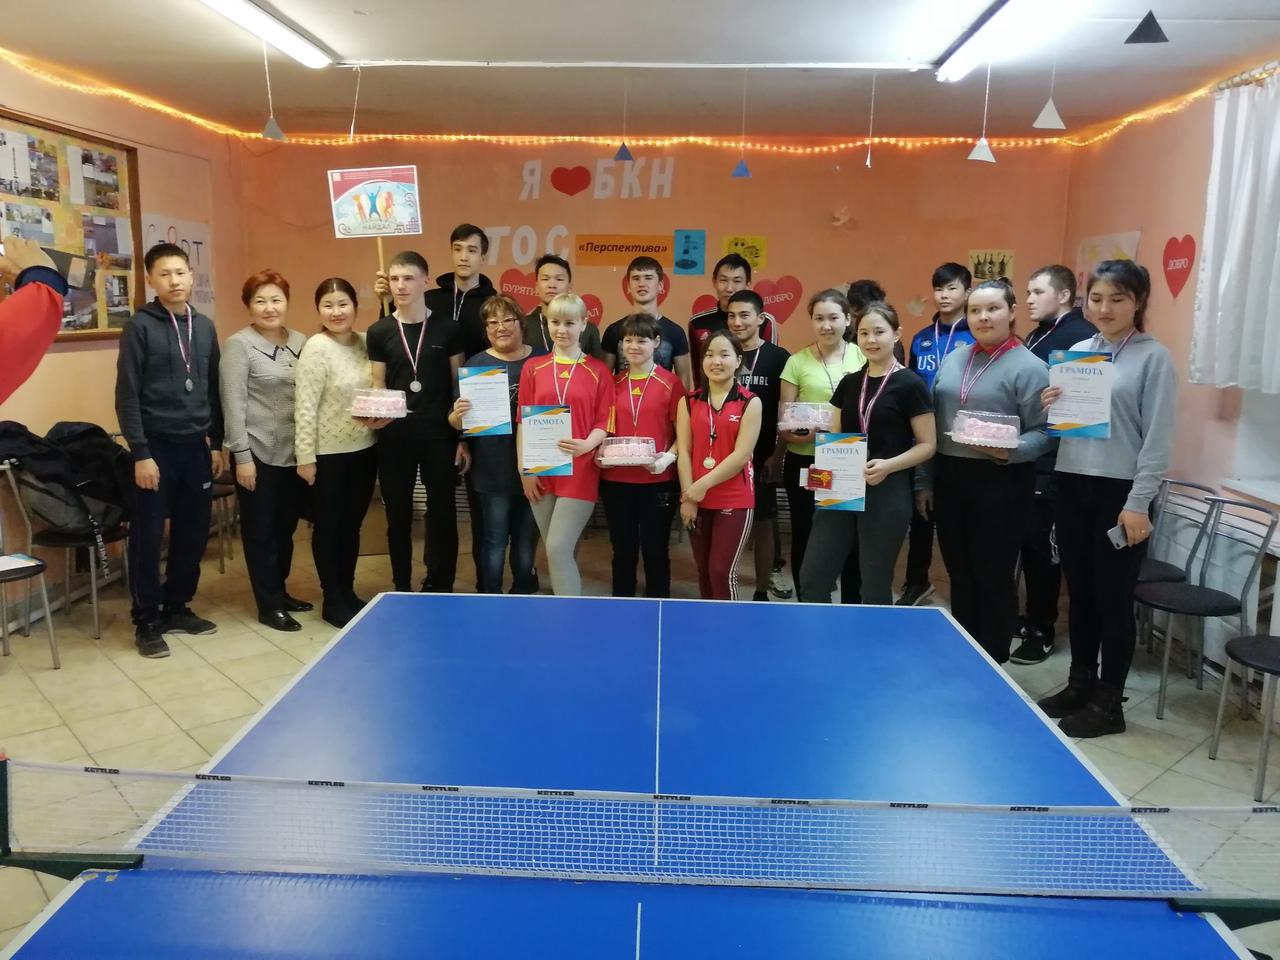 Традиционный турнир по настольному теннису!